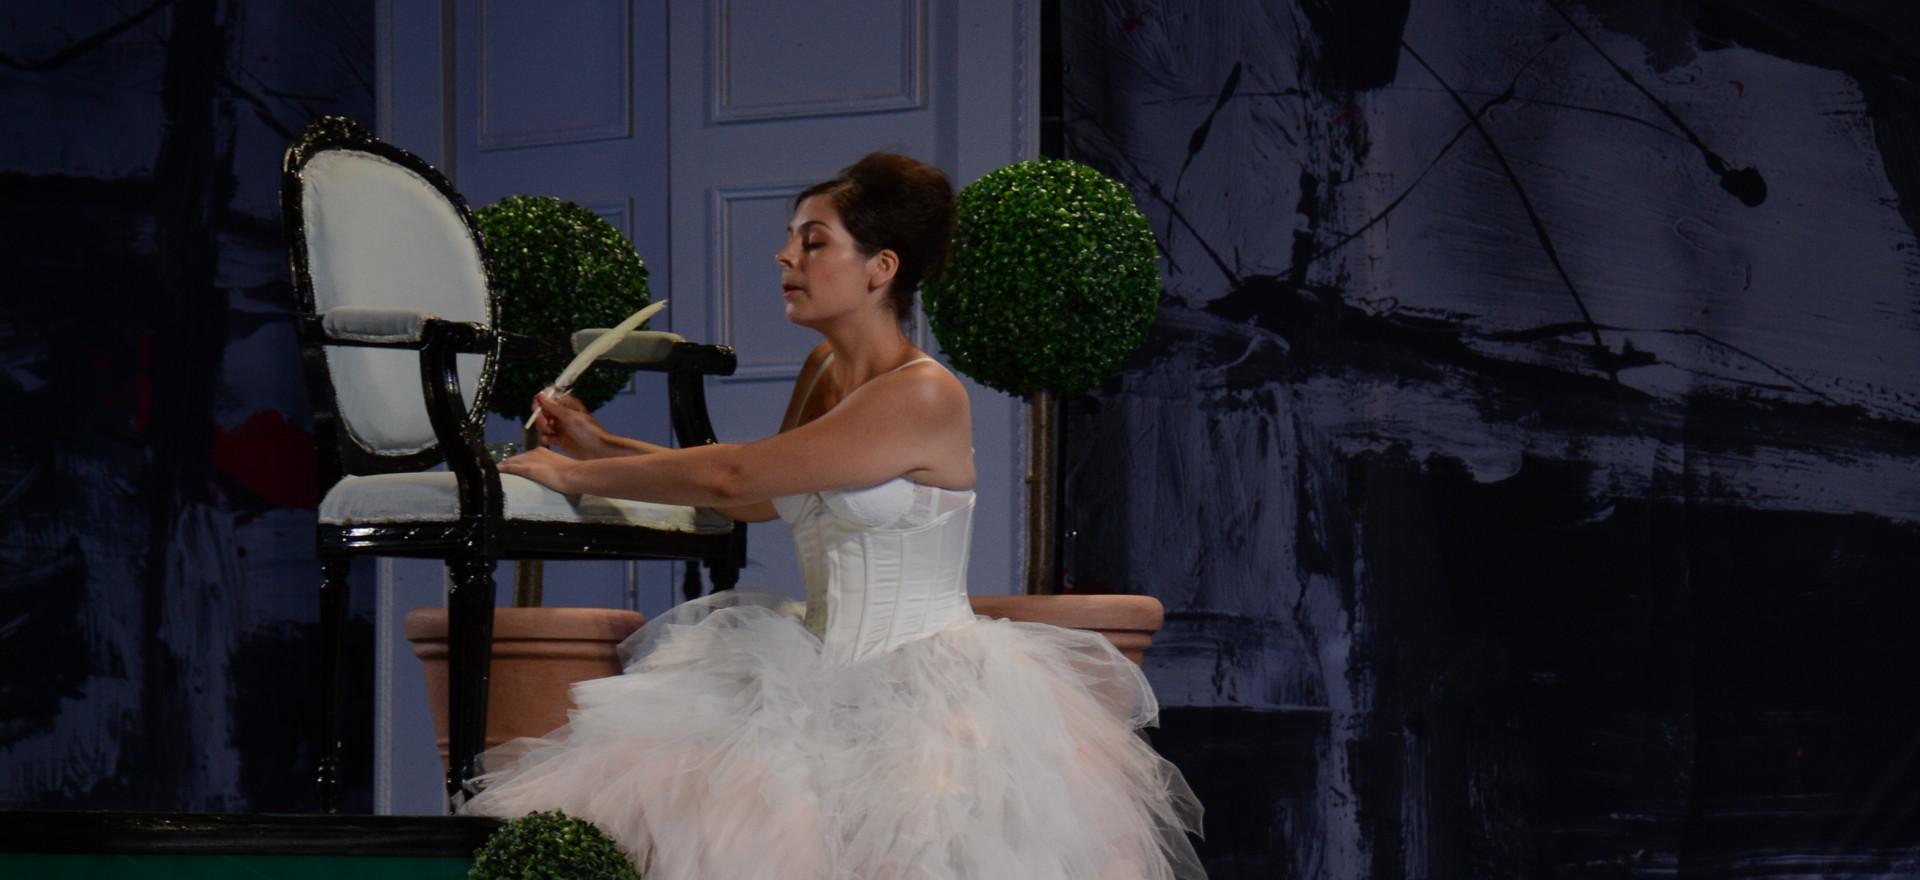 Le Nozze di Figaro - als Susanna unter der Leitung von D. Wilgenbus und B. Weil